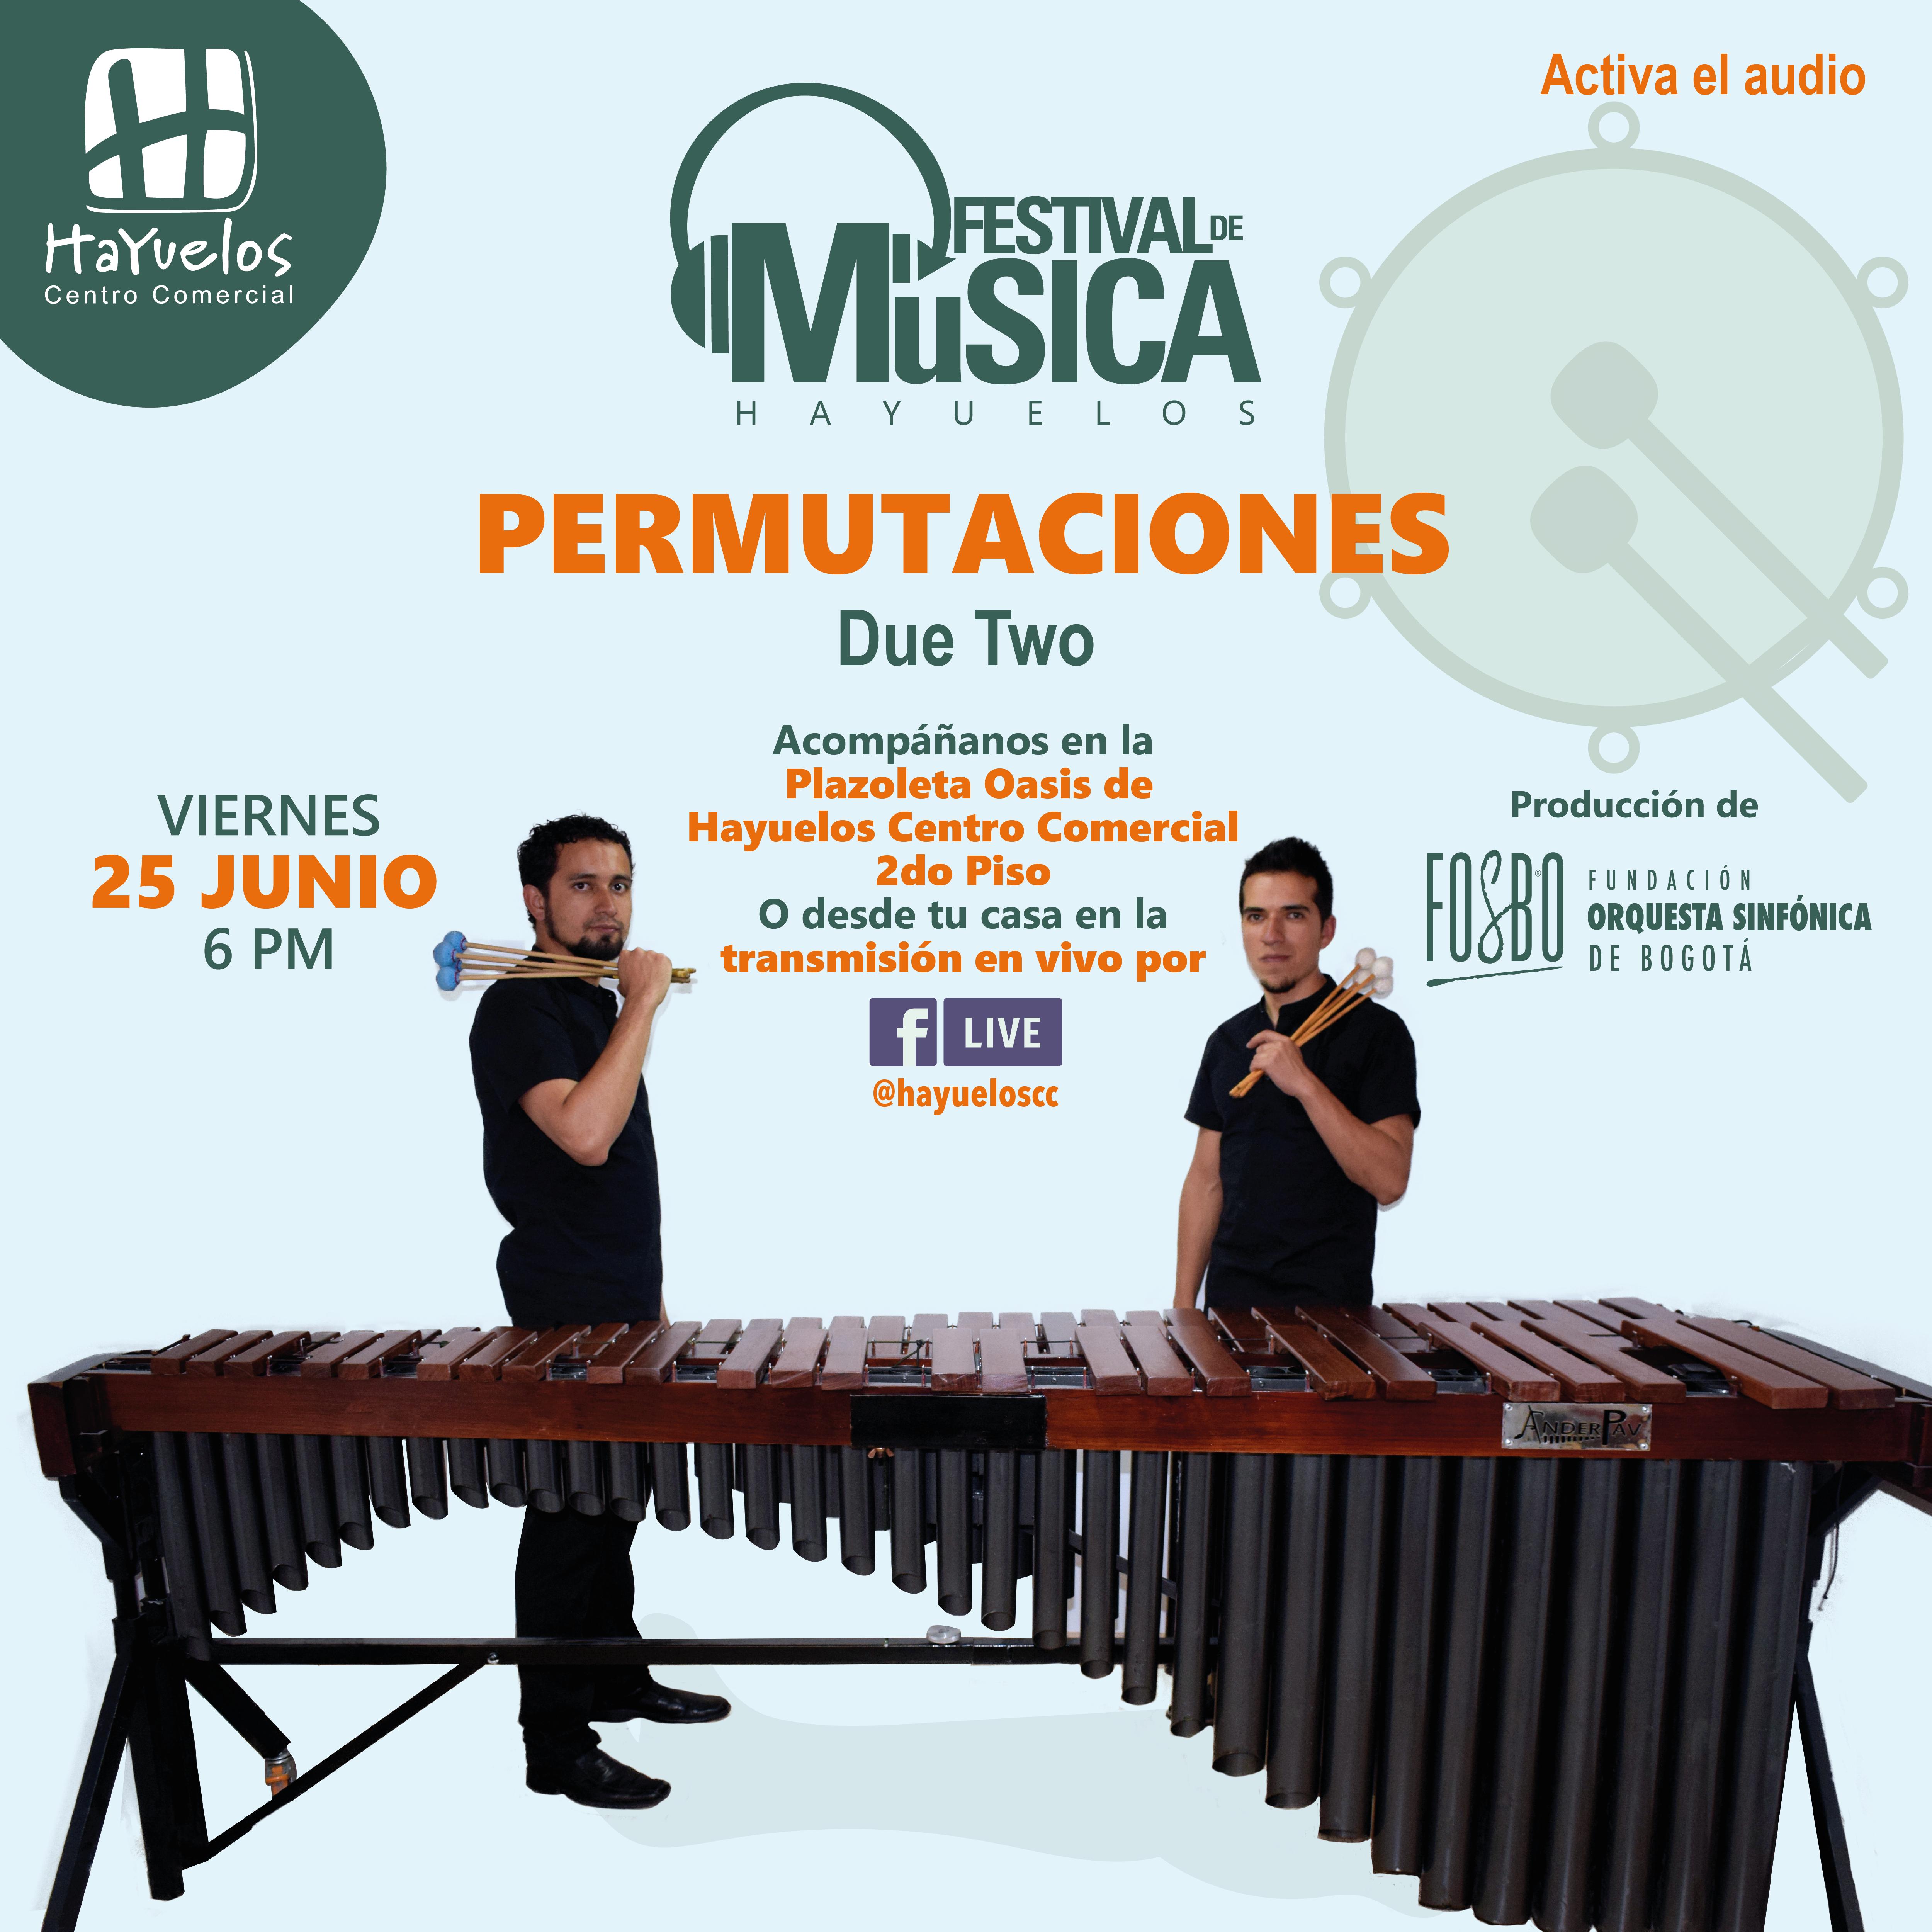 DueTwo Festival de Música Hayuelos Fosbo